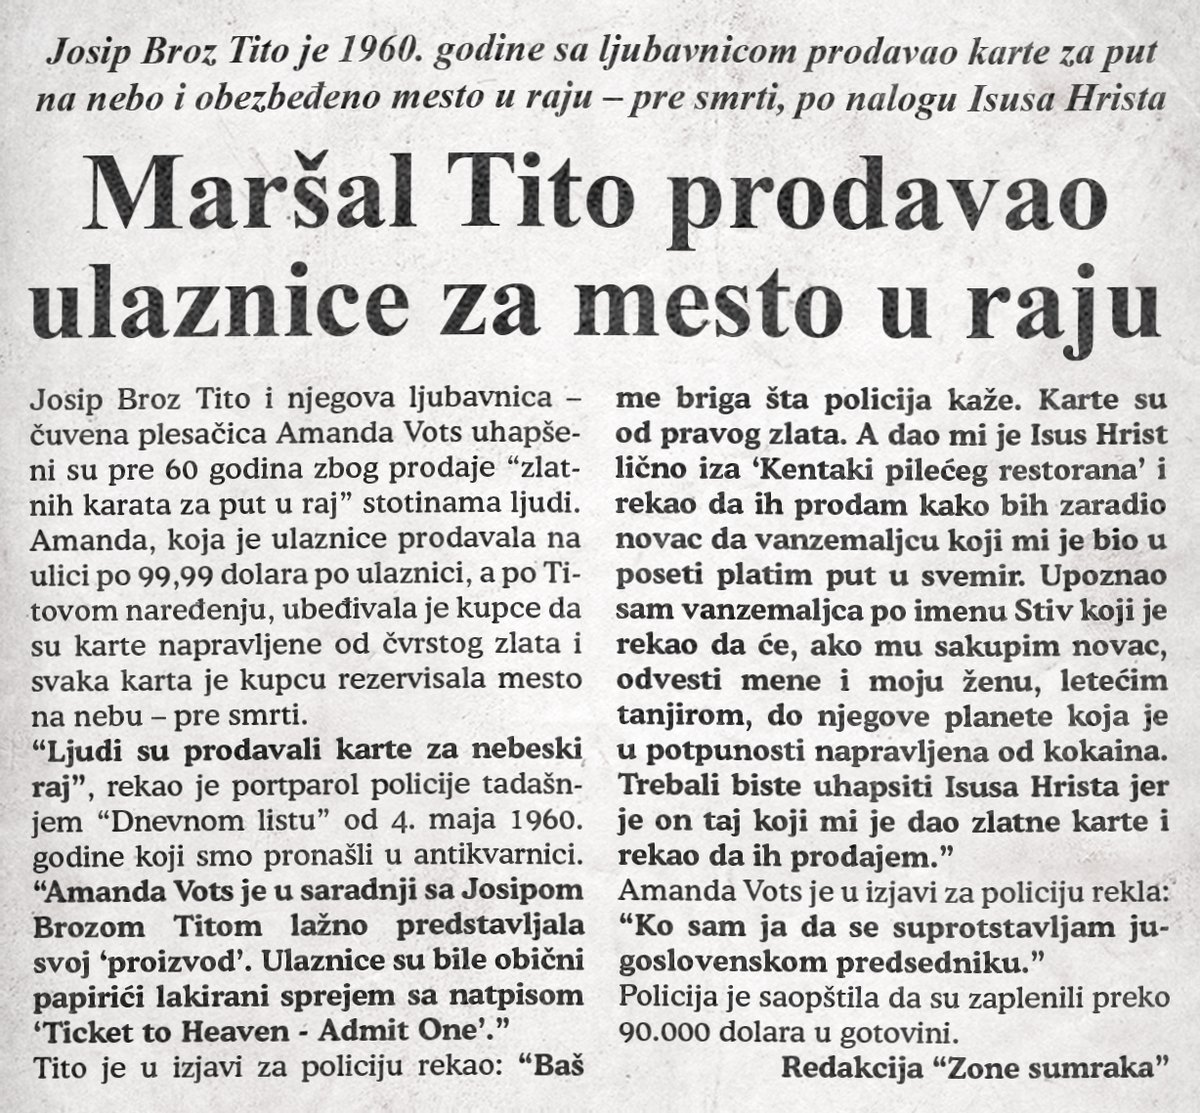 Maršal Tito prodavao ulaznice za mesto u raju